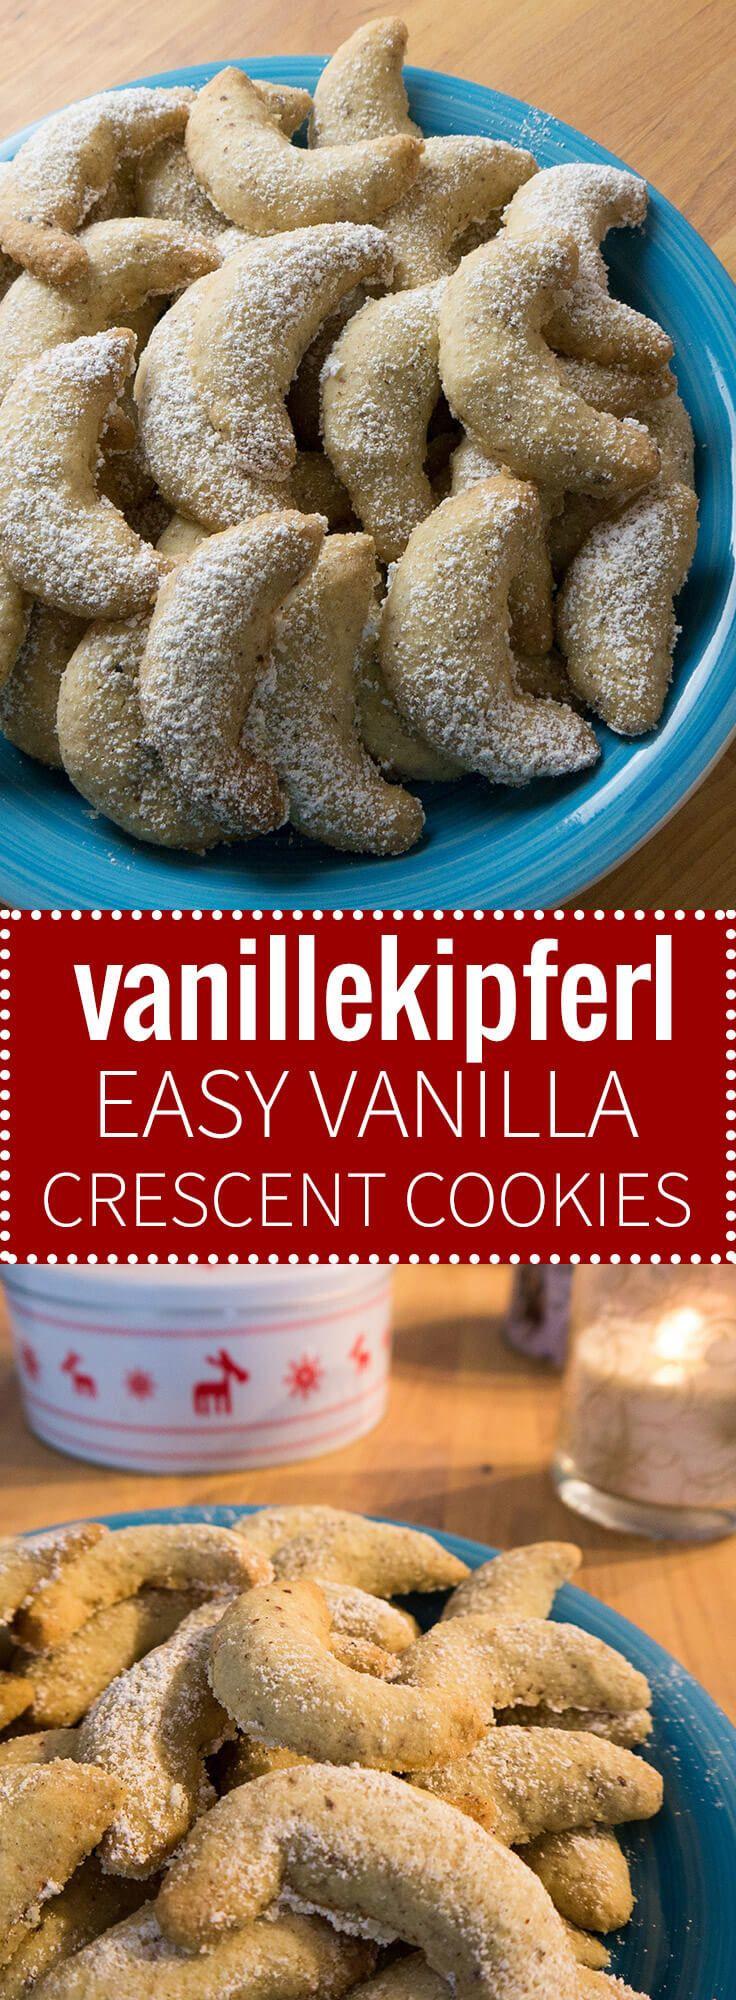 German Christmas Cookies  Vanillekipferl German Vanilla Crescent Cookies are